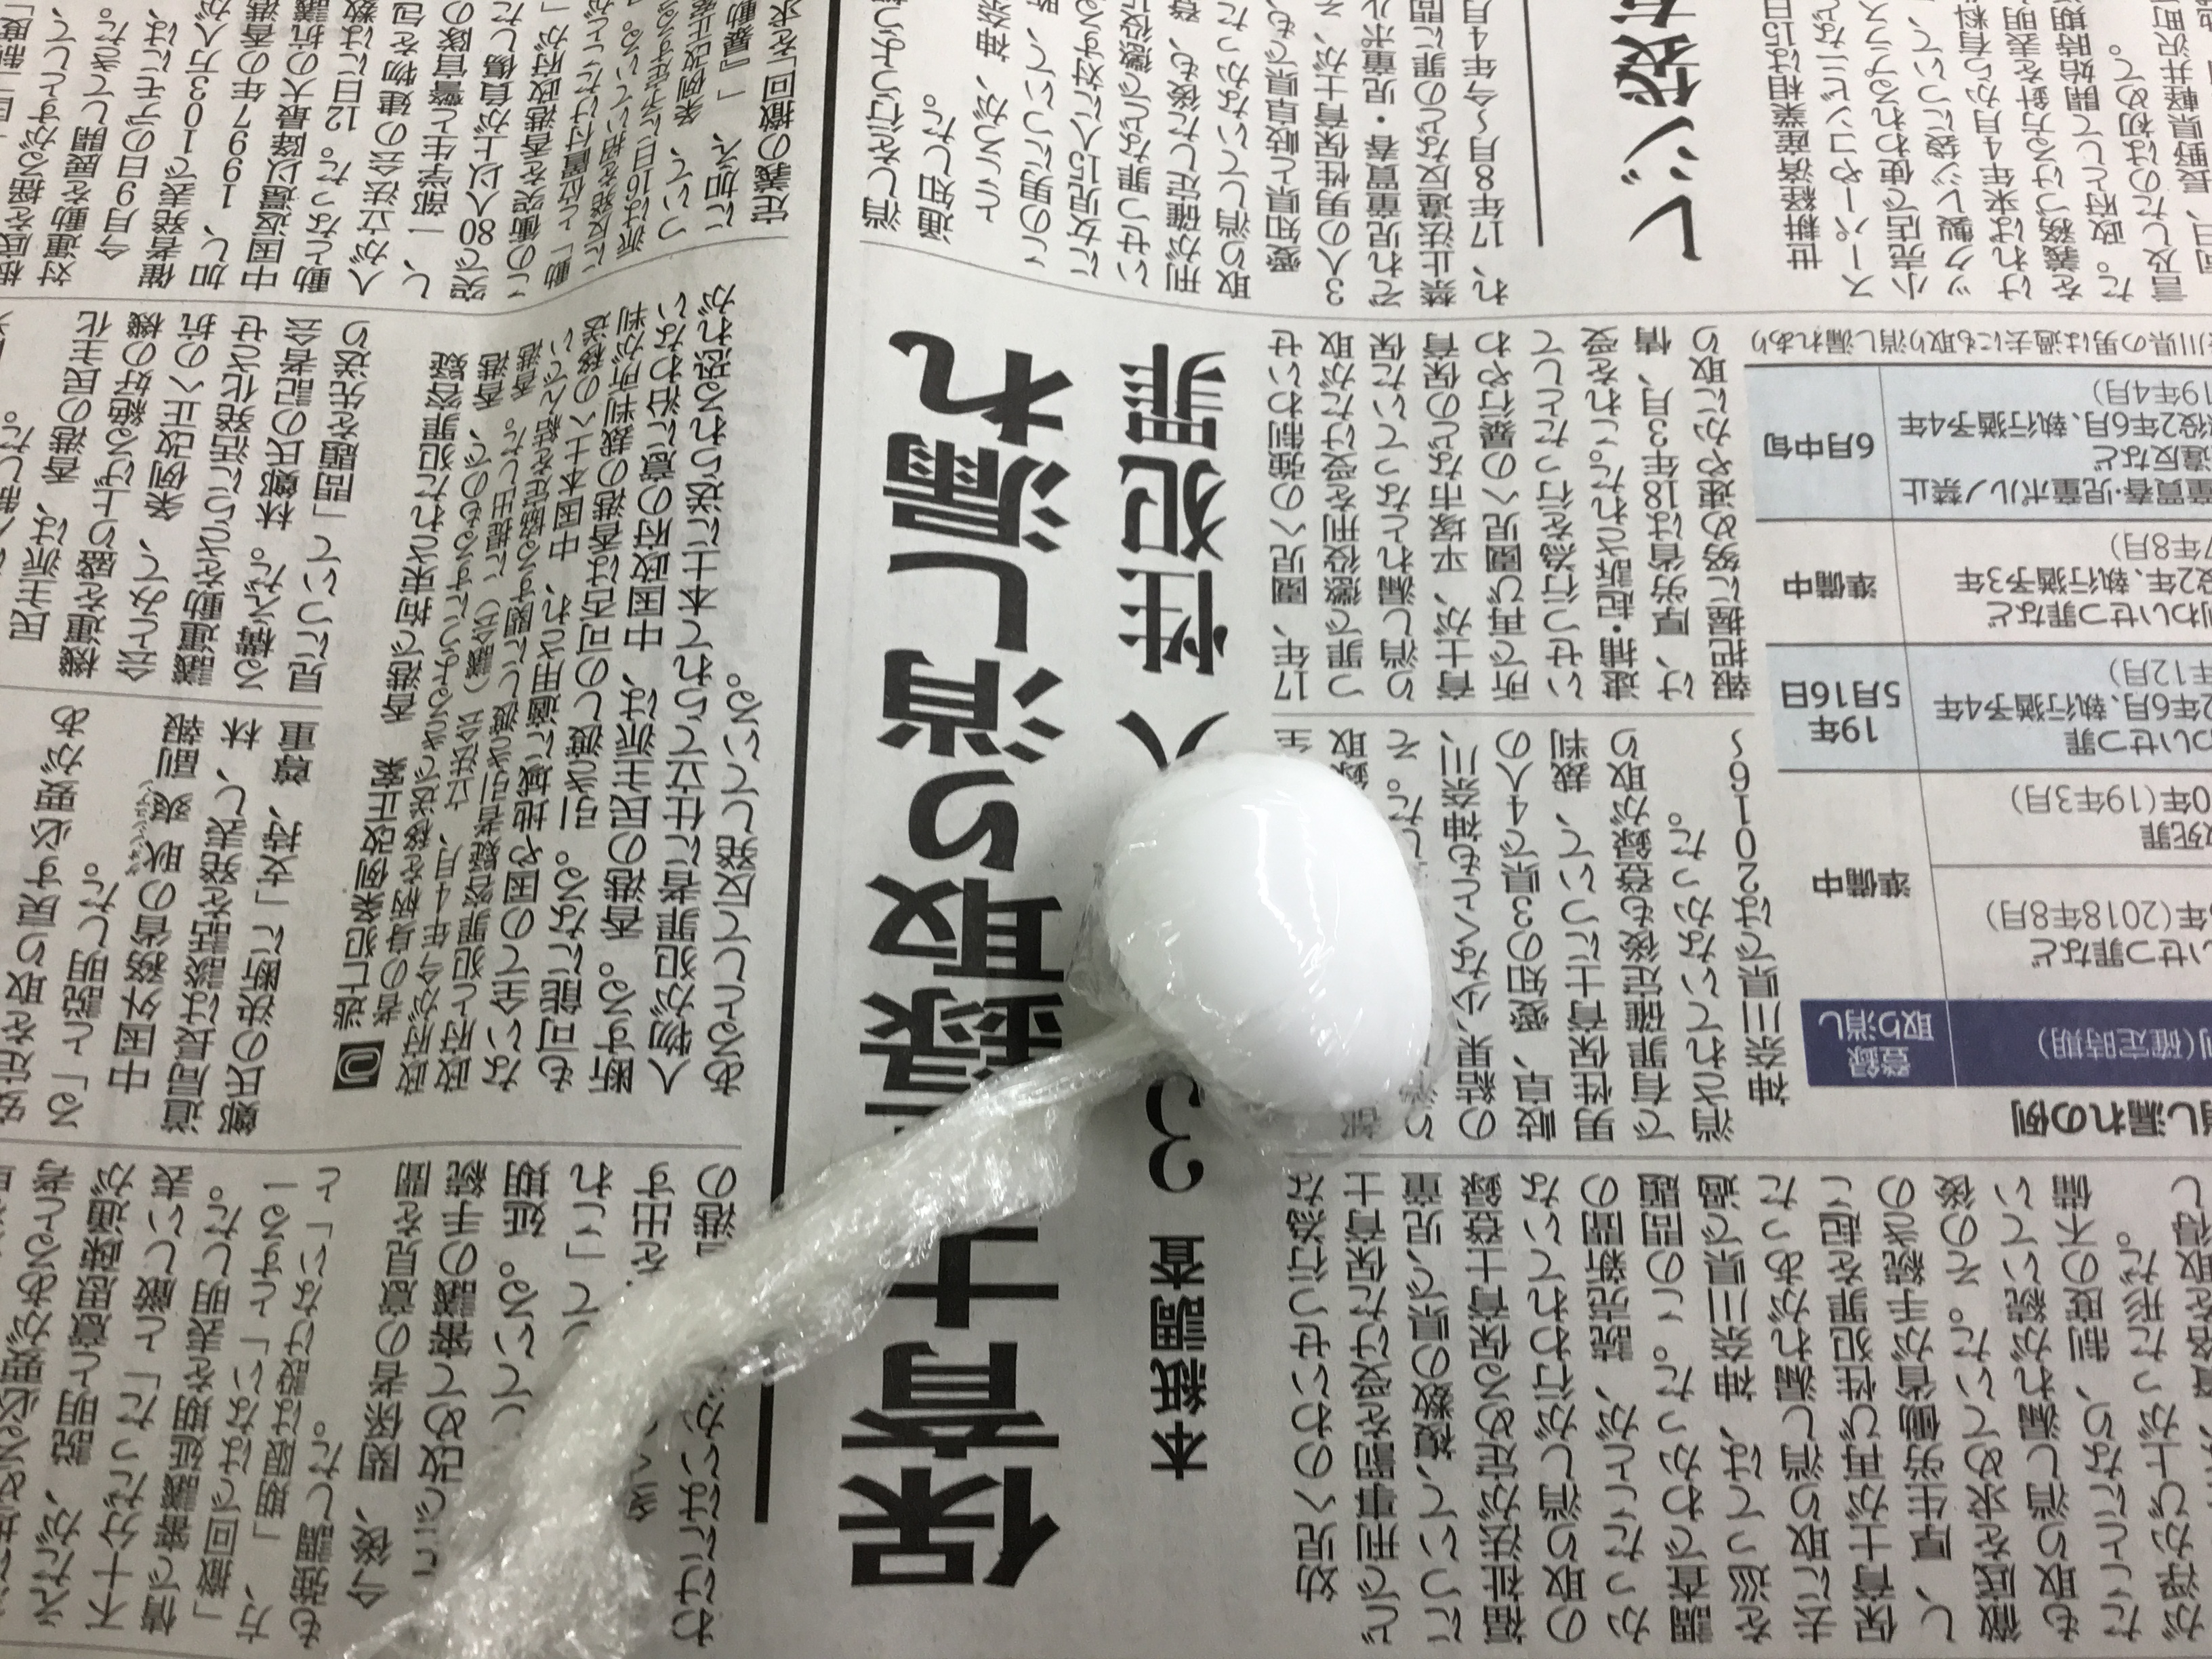 固まったら新聞紙の上に置いて乾かします